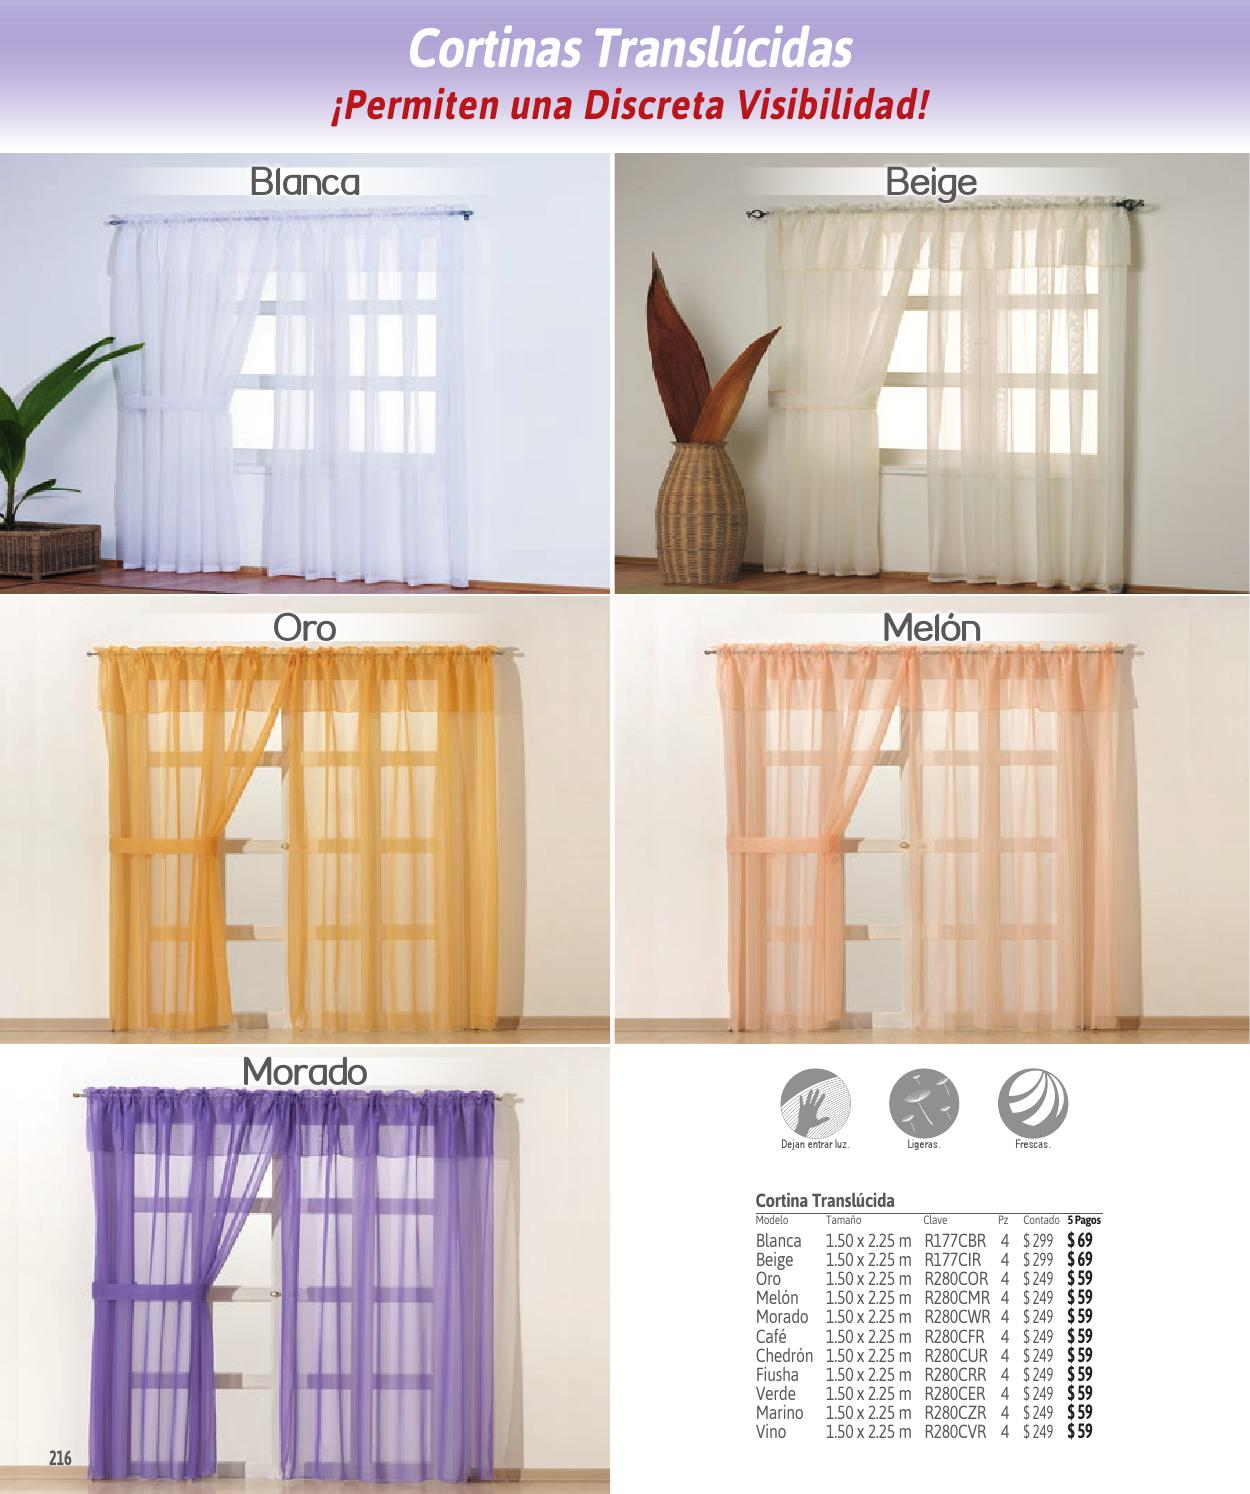 Concord catalogo de cortinas 2015 by www for Cortinas translucidas